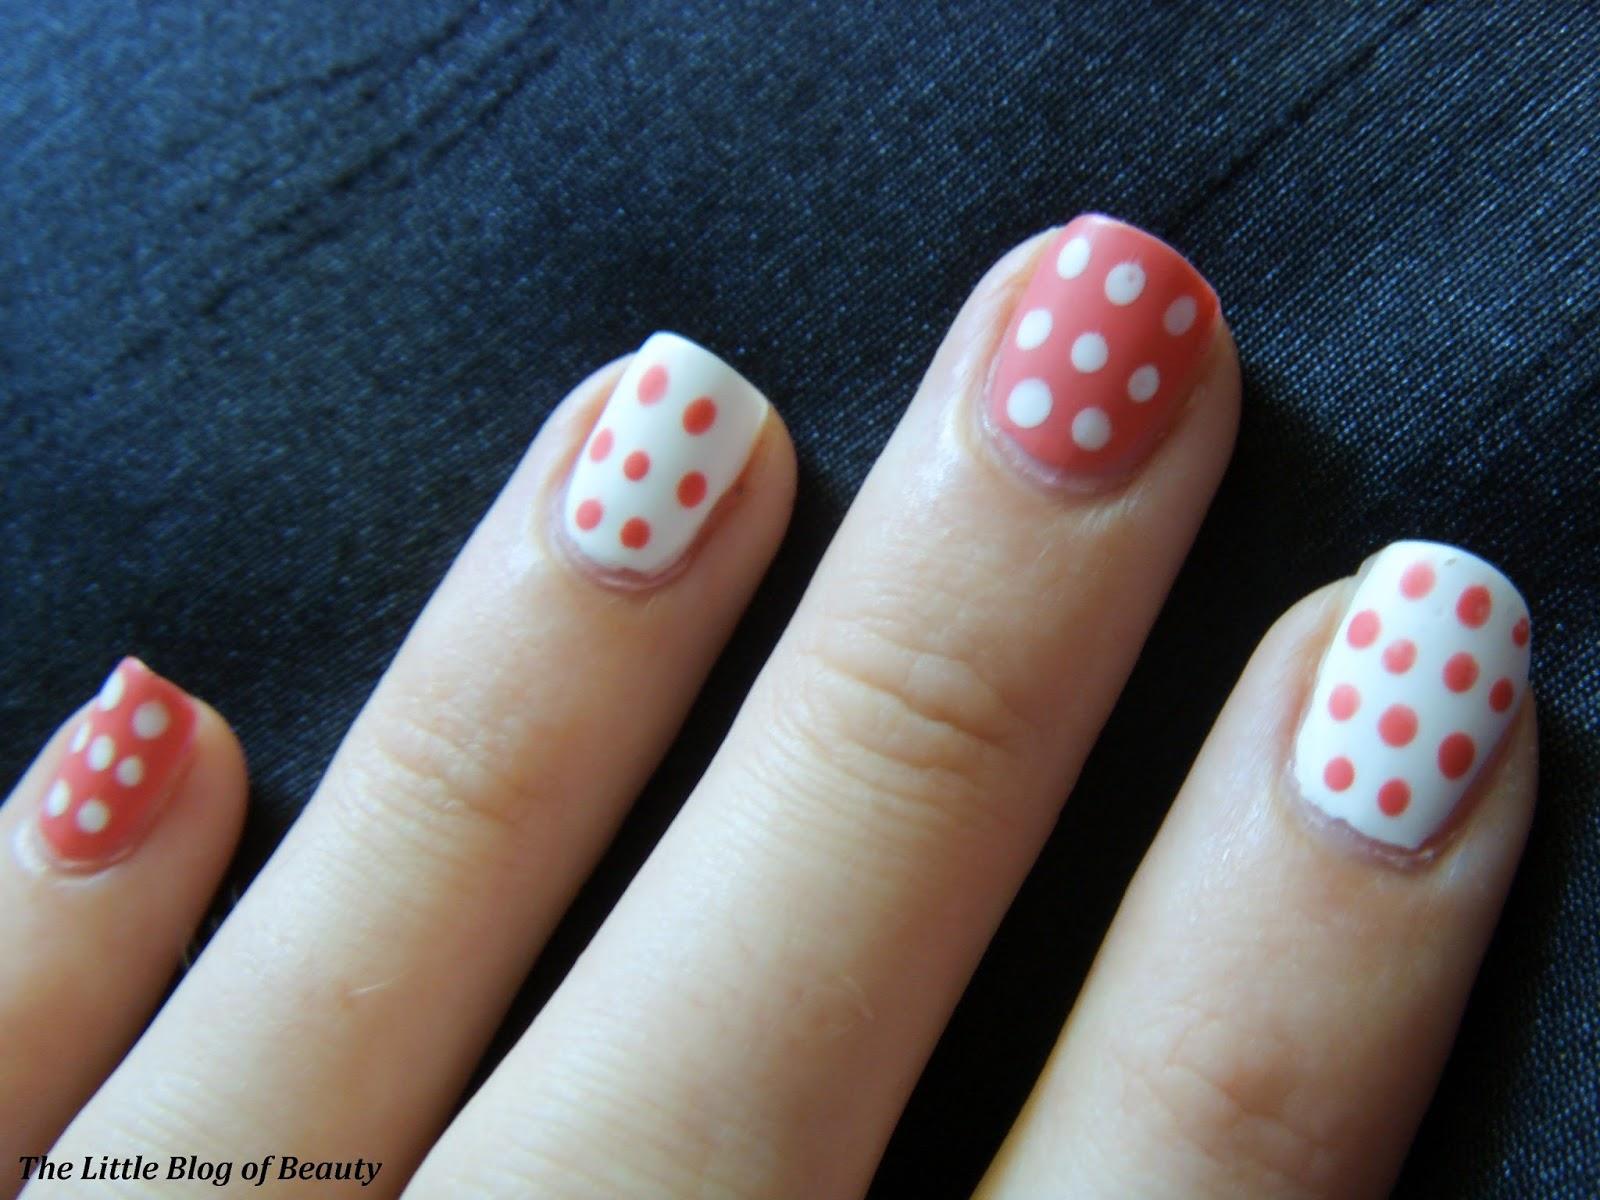 Nail art - Matte reverse dots | The Little Blog of Beauty